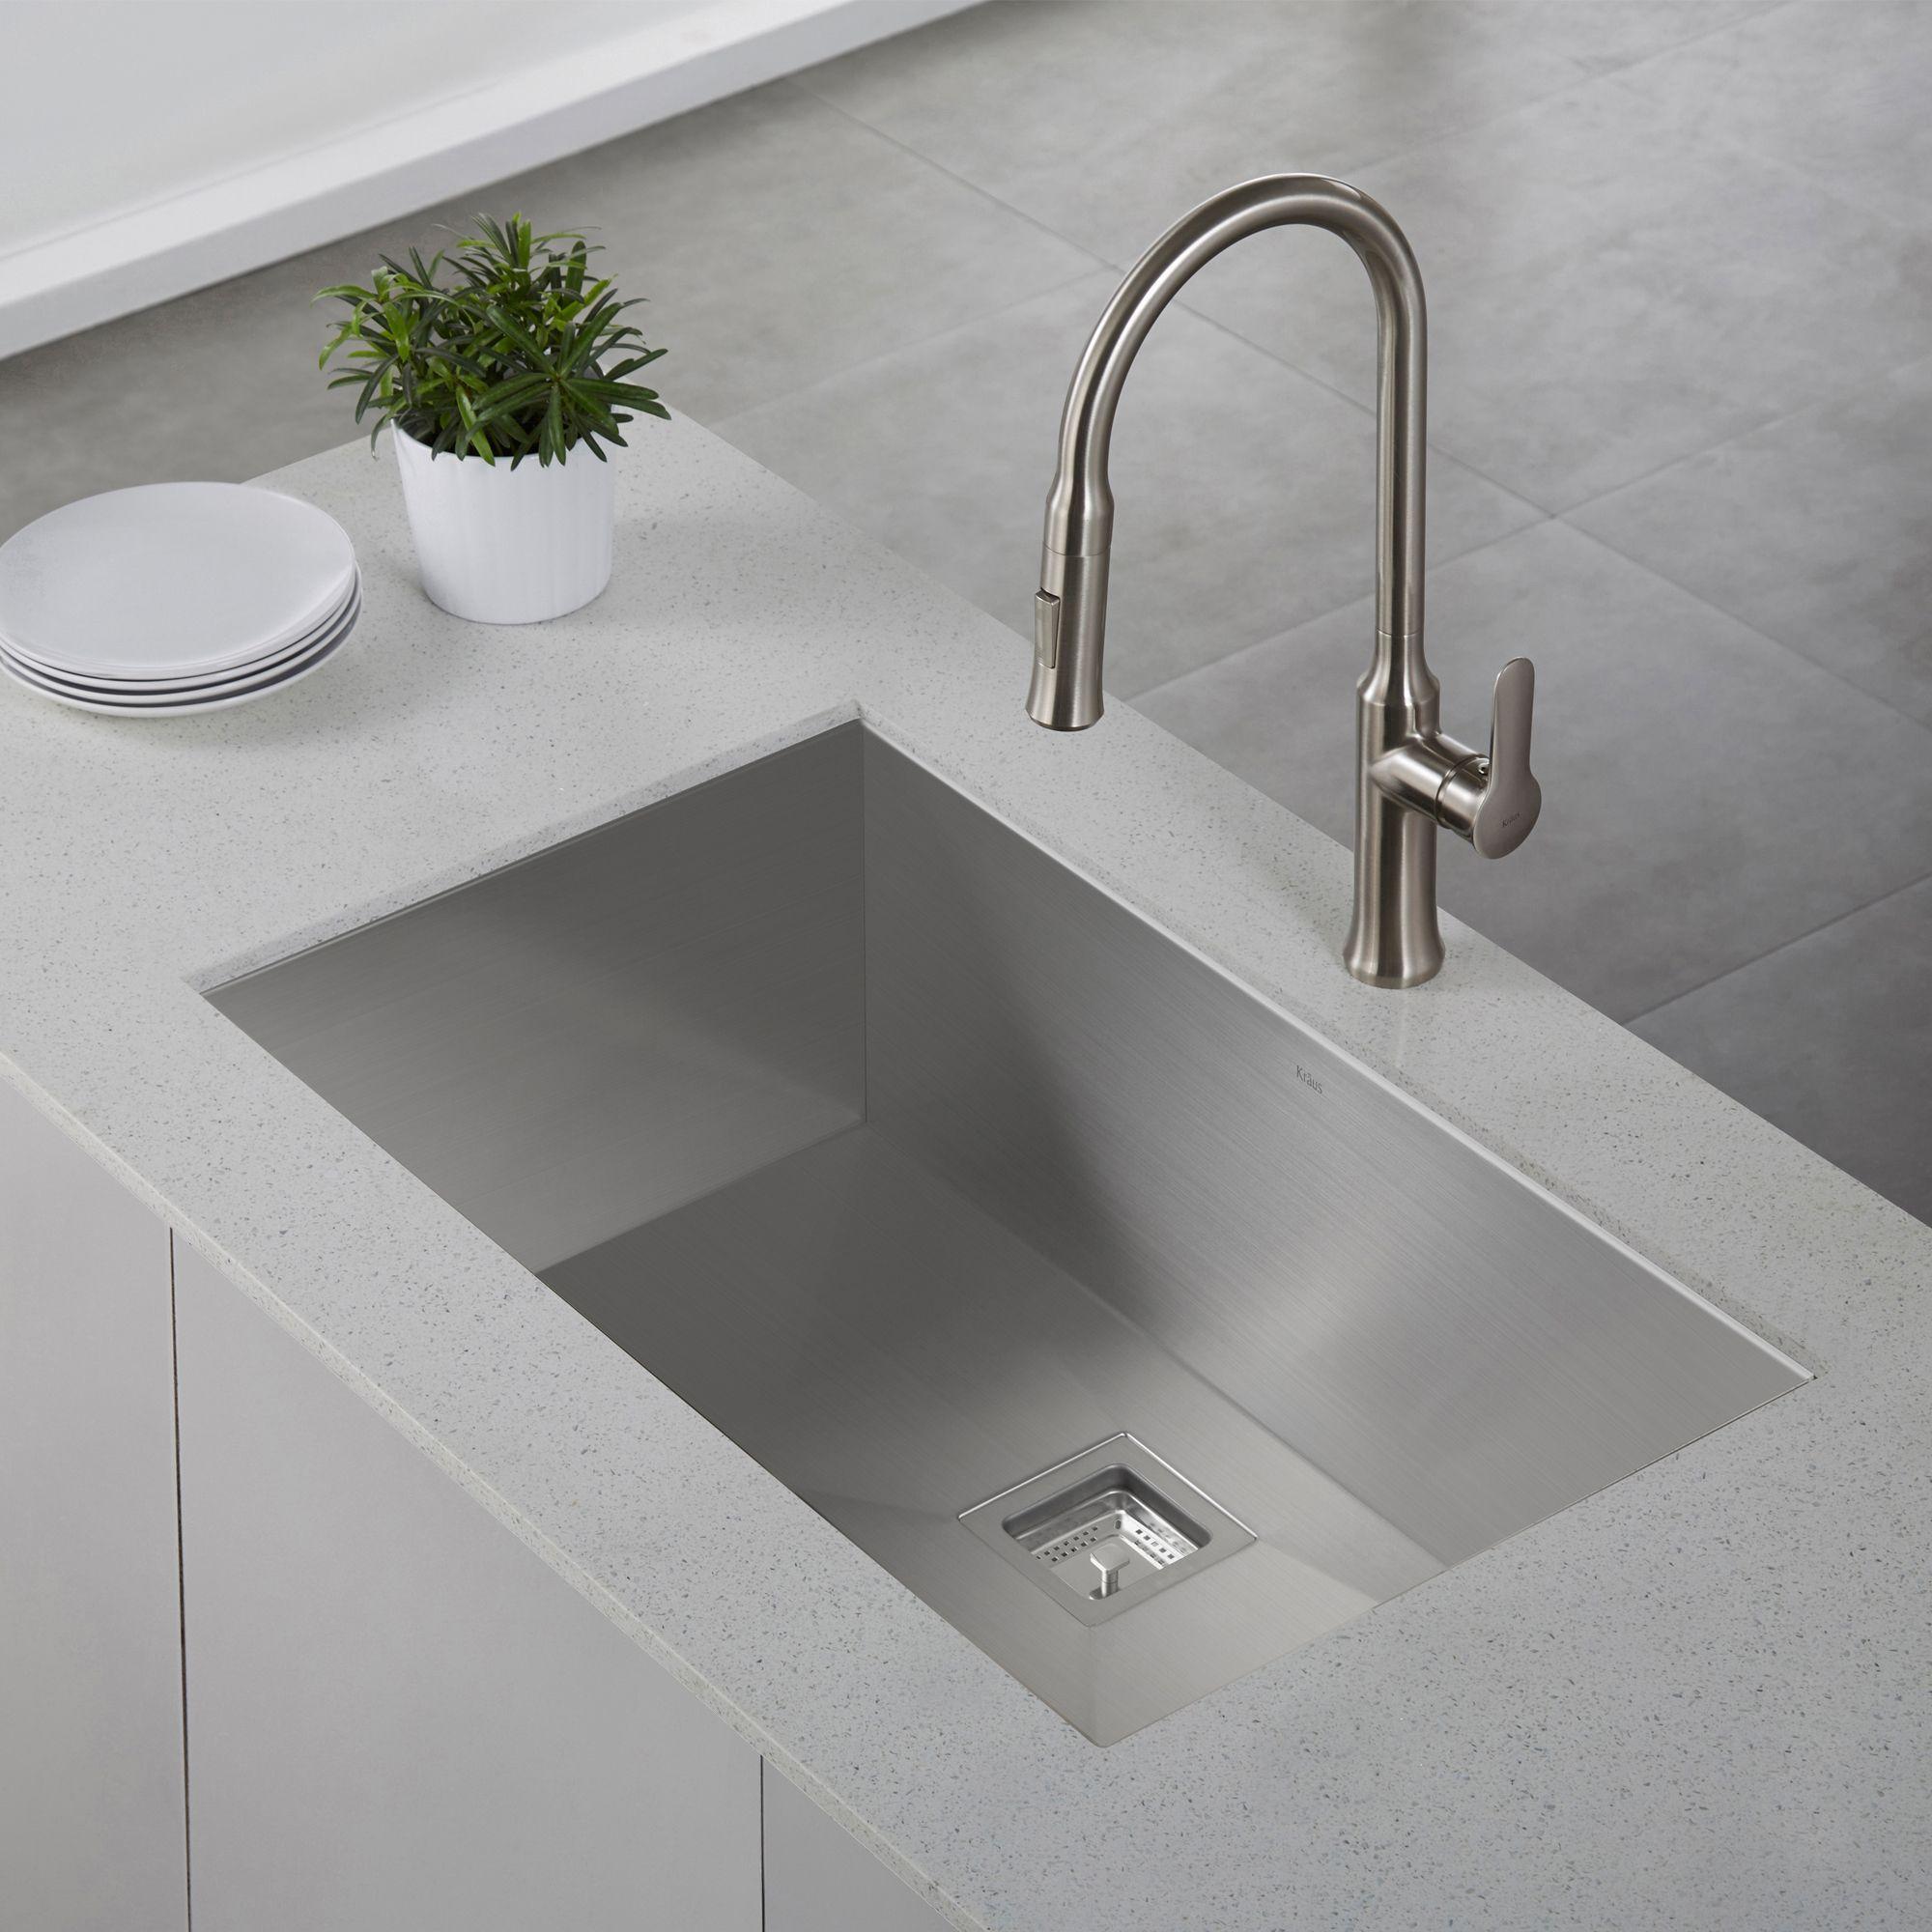 Kraus Khu32 Pax Undermount 31 1 2 Inch Stainless Steel Kitchen Sink Steel Kitchen Sink Sink Single Bowl Kitchen Sink